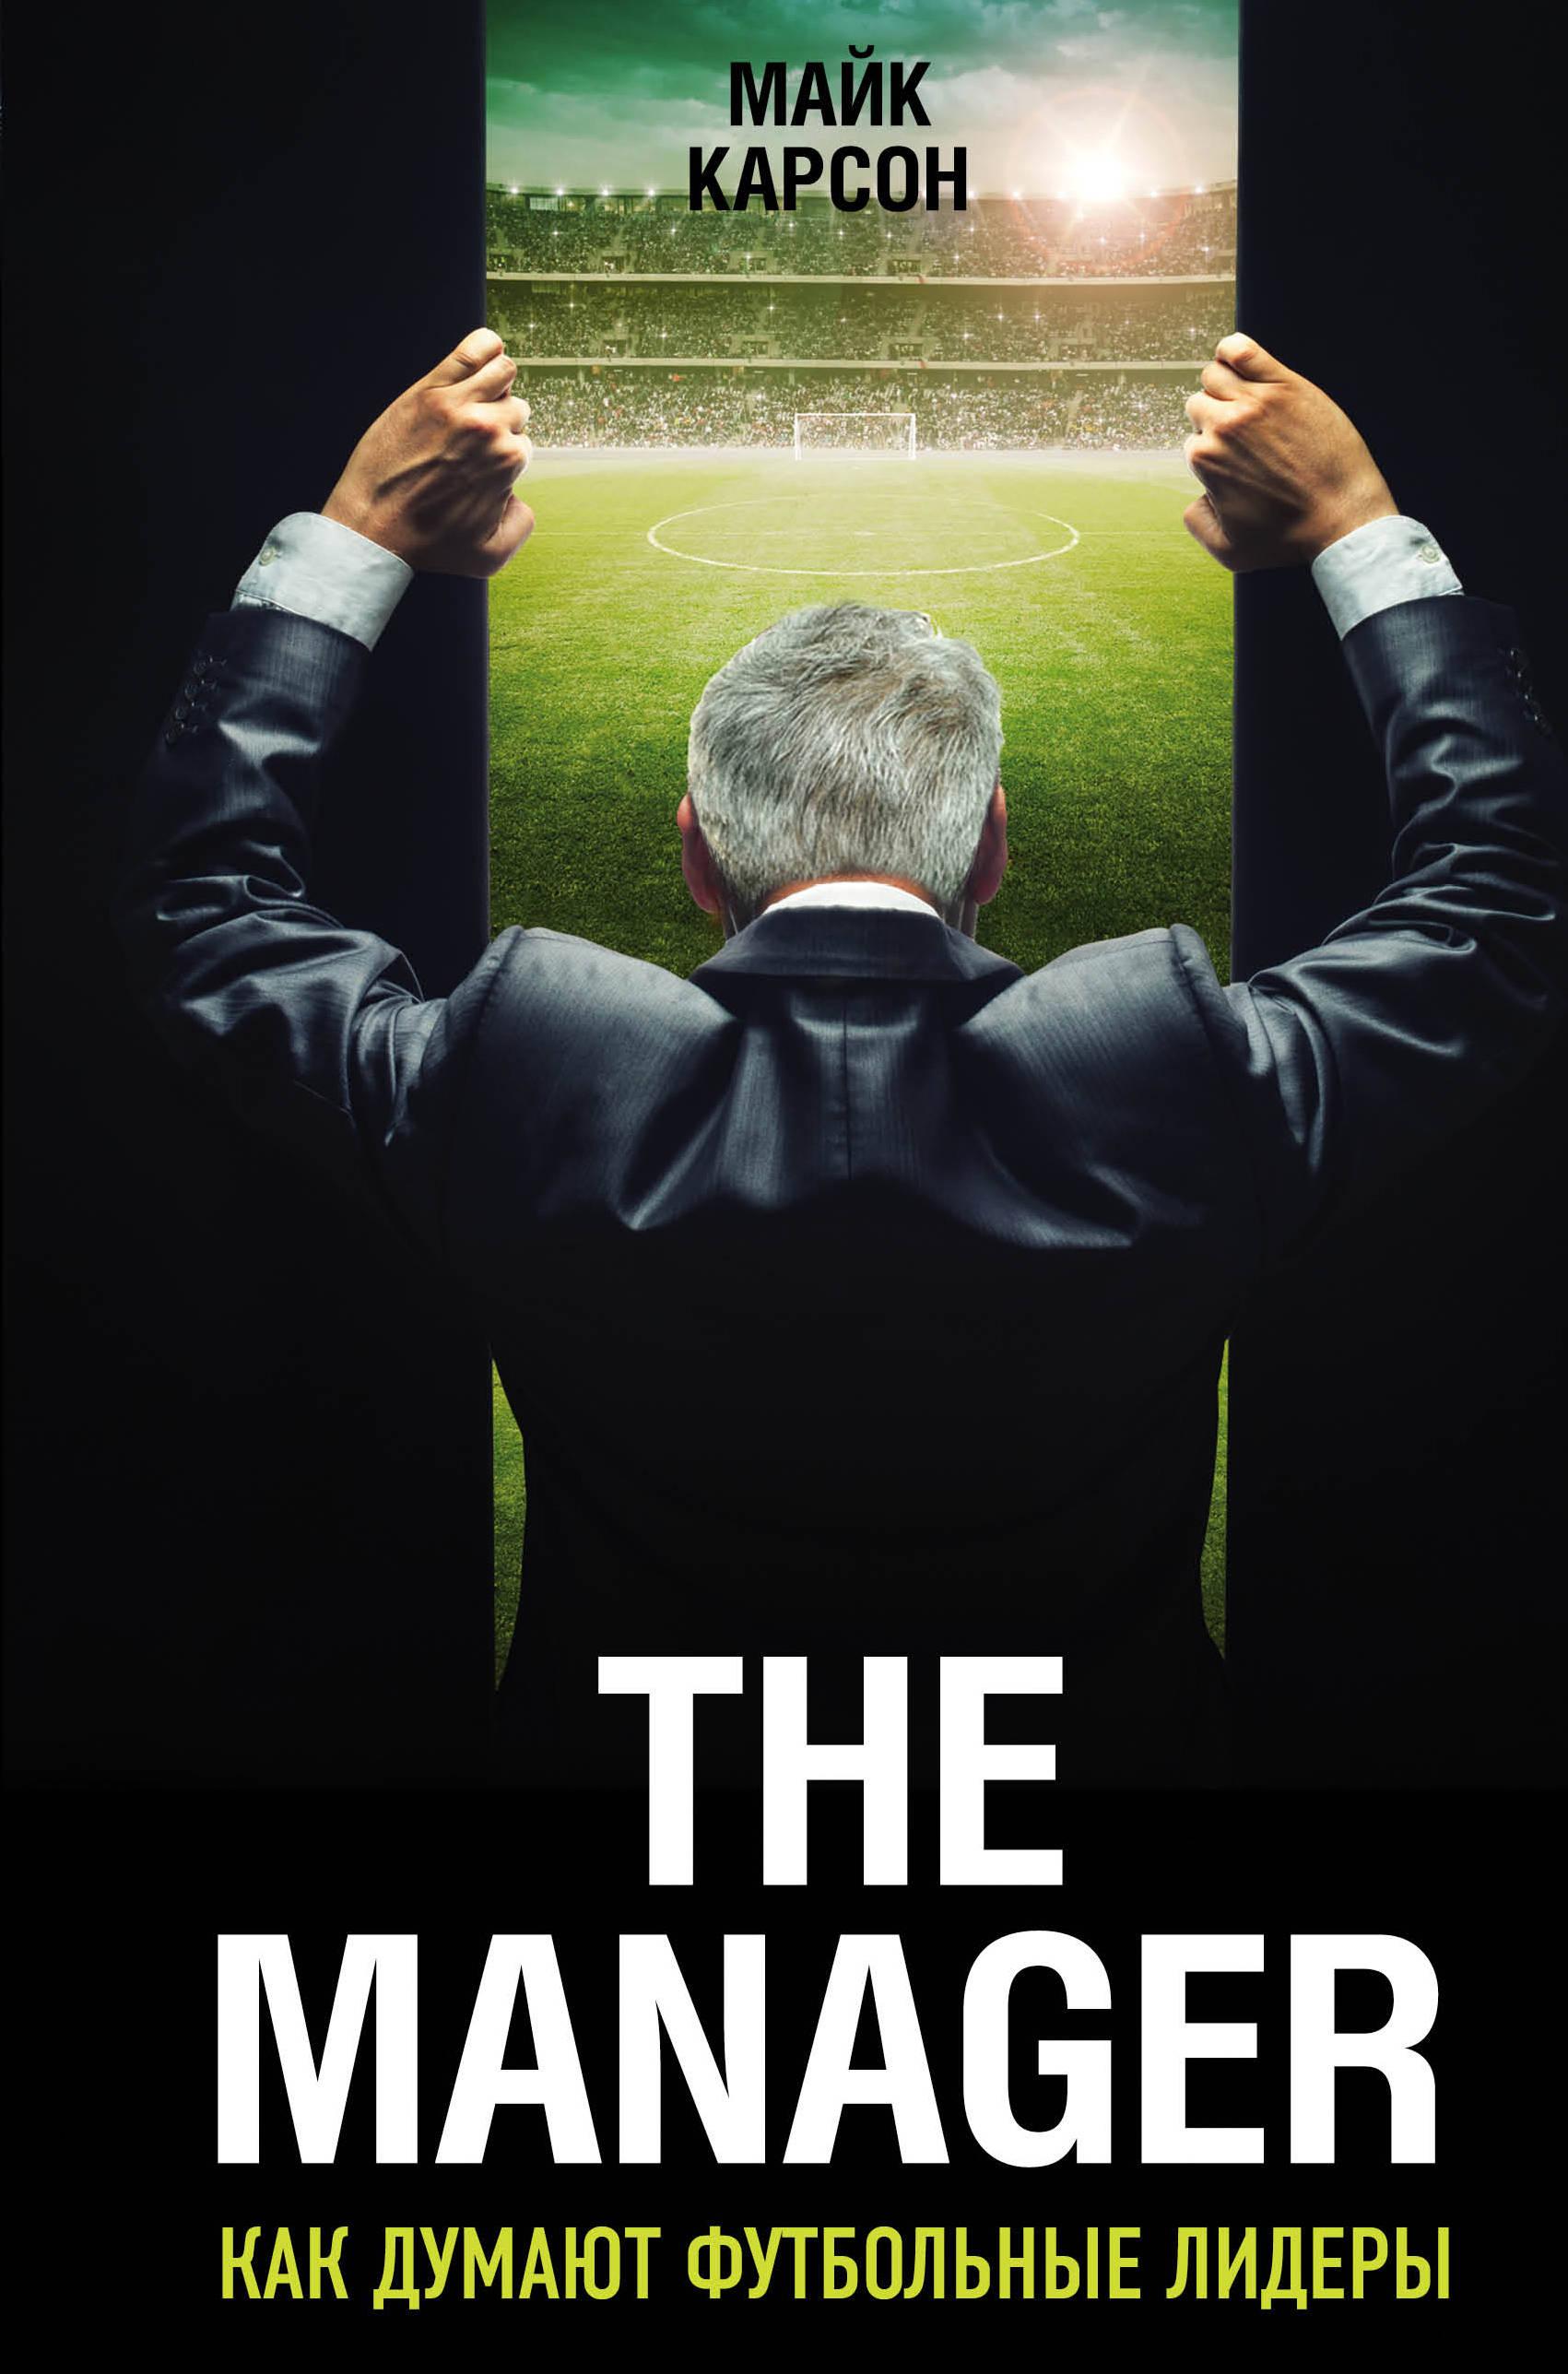 Майк Карсон The Manager. Как думают футбольные лидеры ISBN: 978-5-699-97812-0